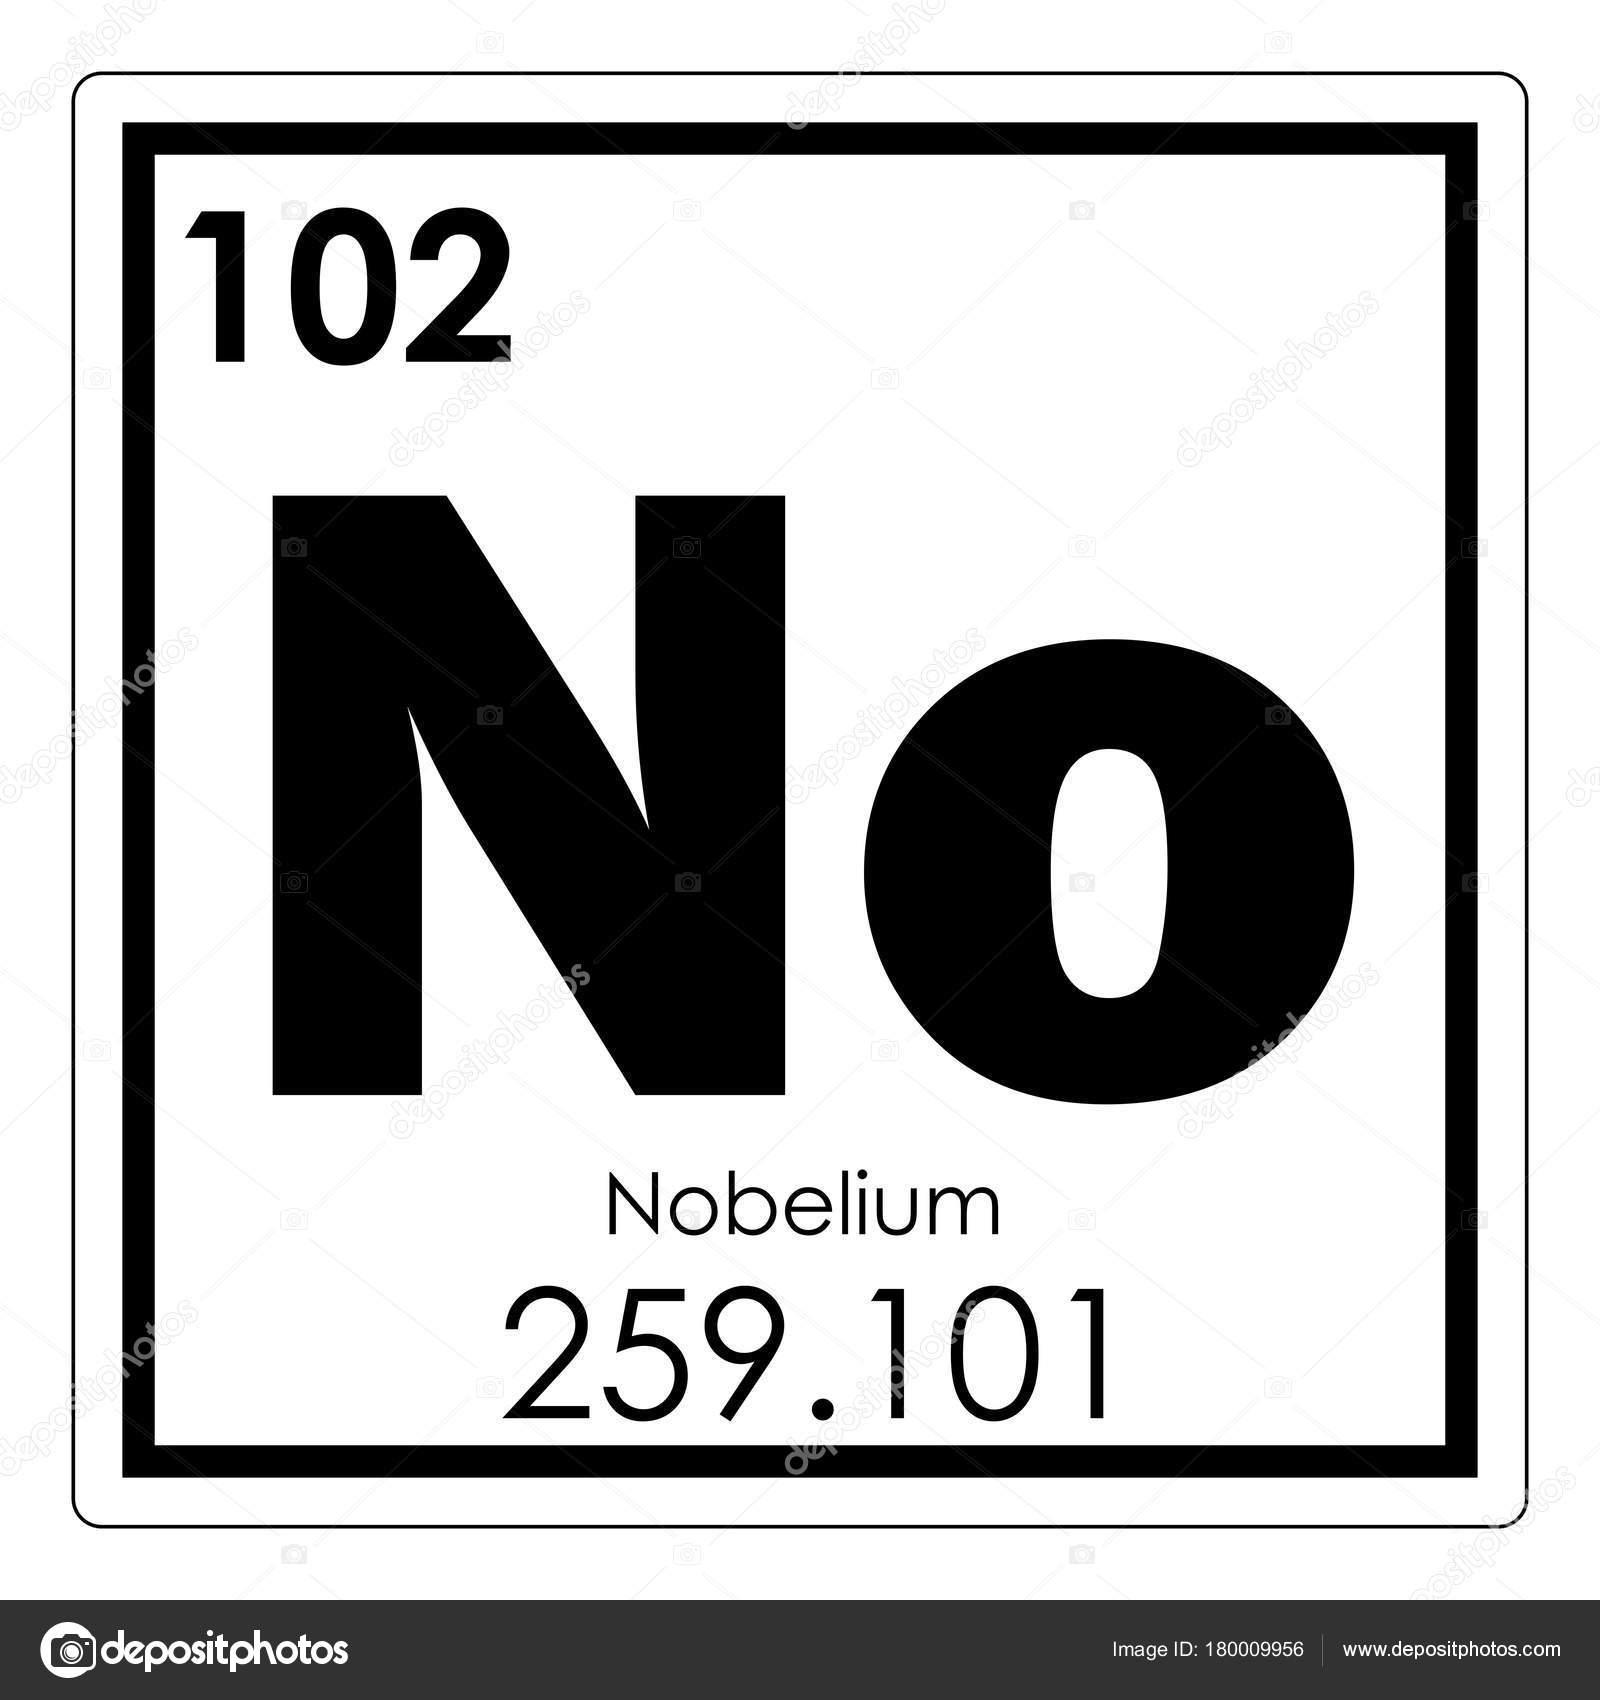 Nobelium chemical element stock photo tony4urban 180009956 nobelium chemical element periodic table science symbol photo by tony4urban buycottarizona